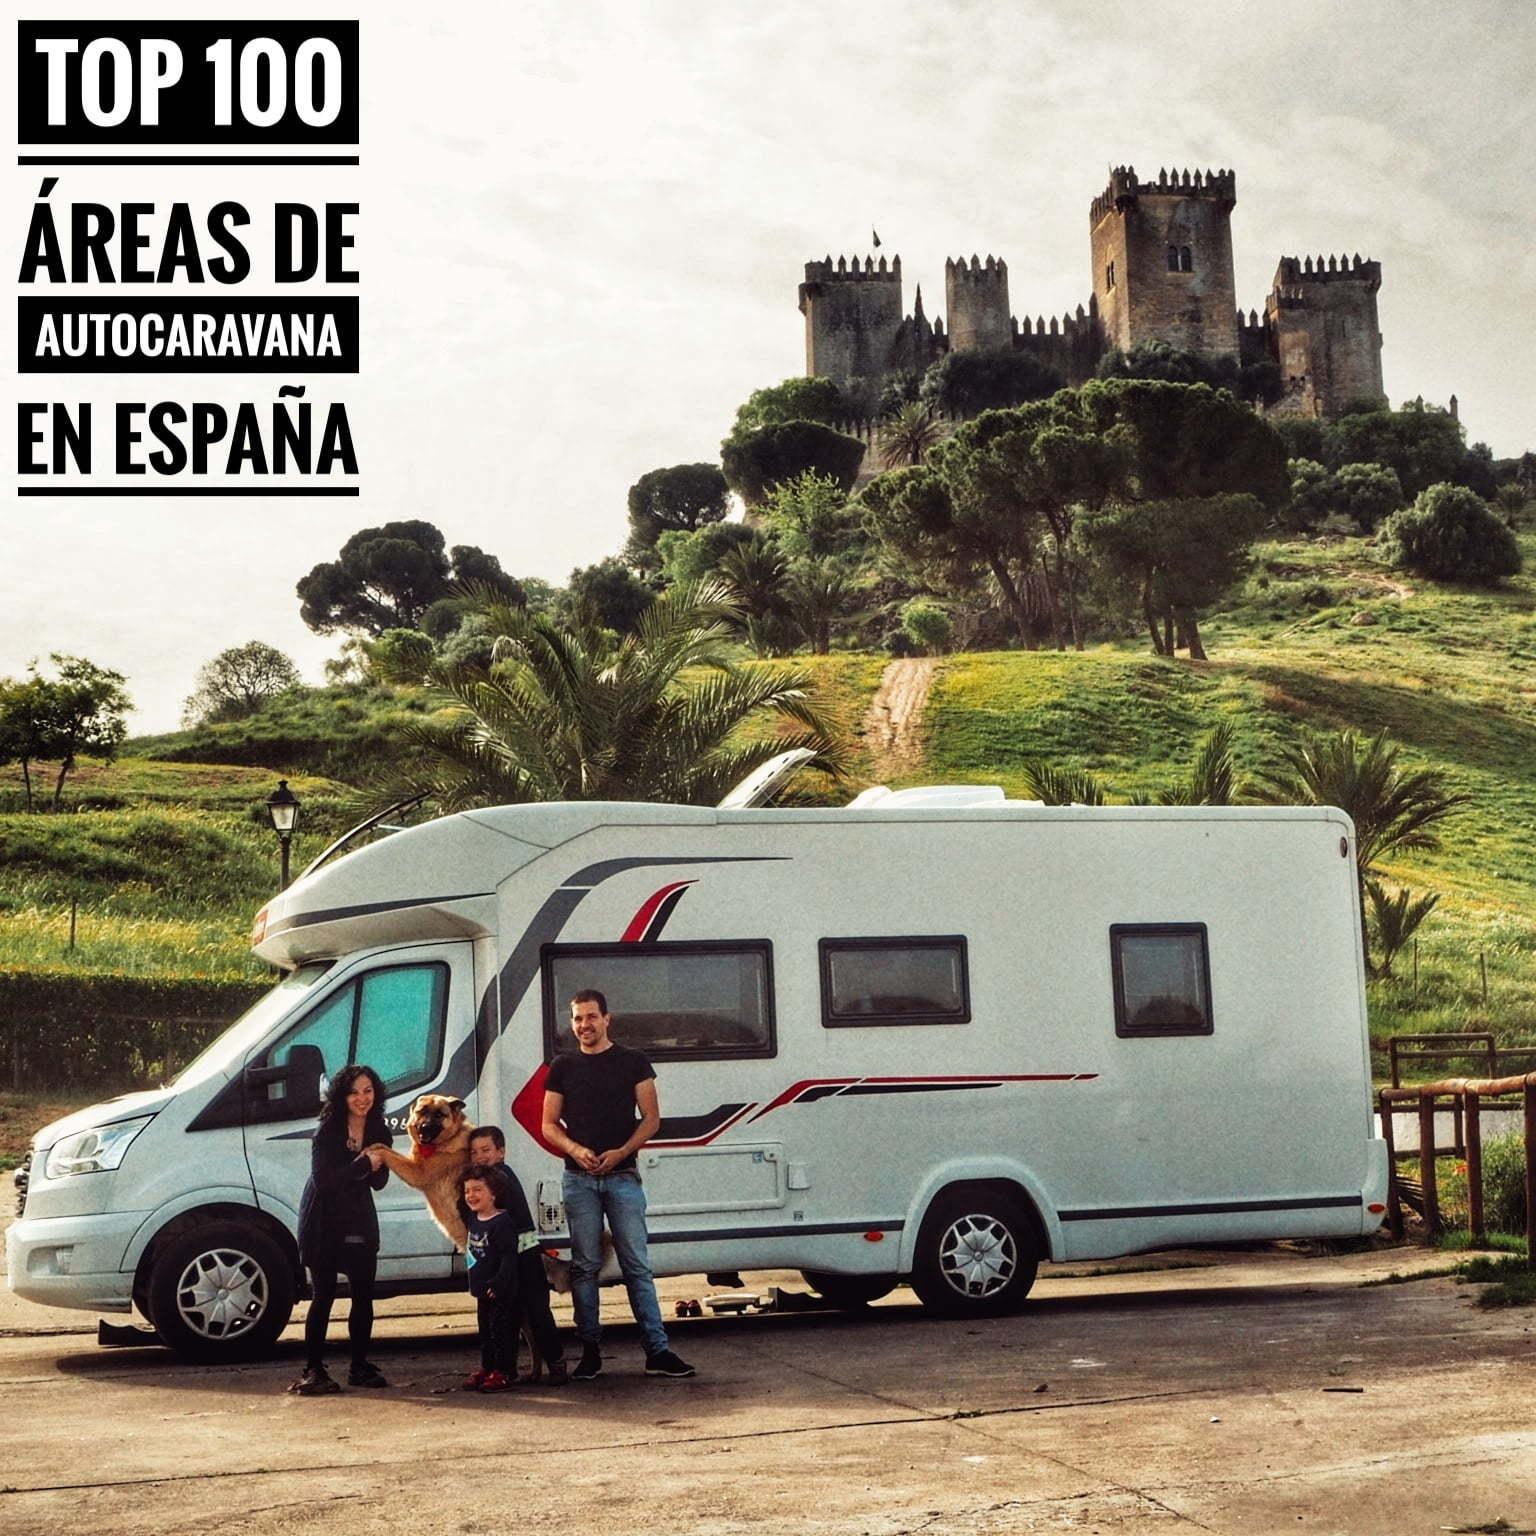 ▷ 👀 Les 100 meilleures zones de camping-car, où elles se trouvent selon les avis de vrais camping-cars